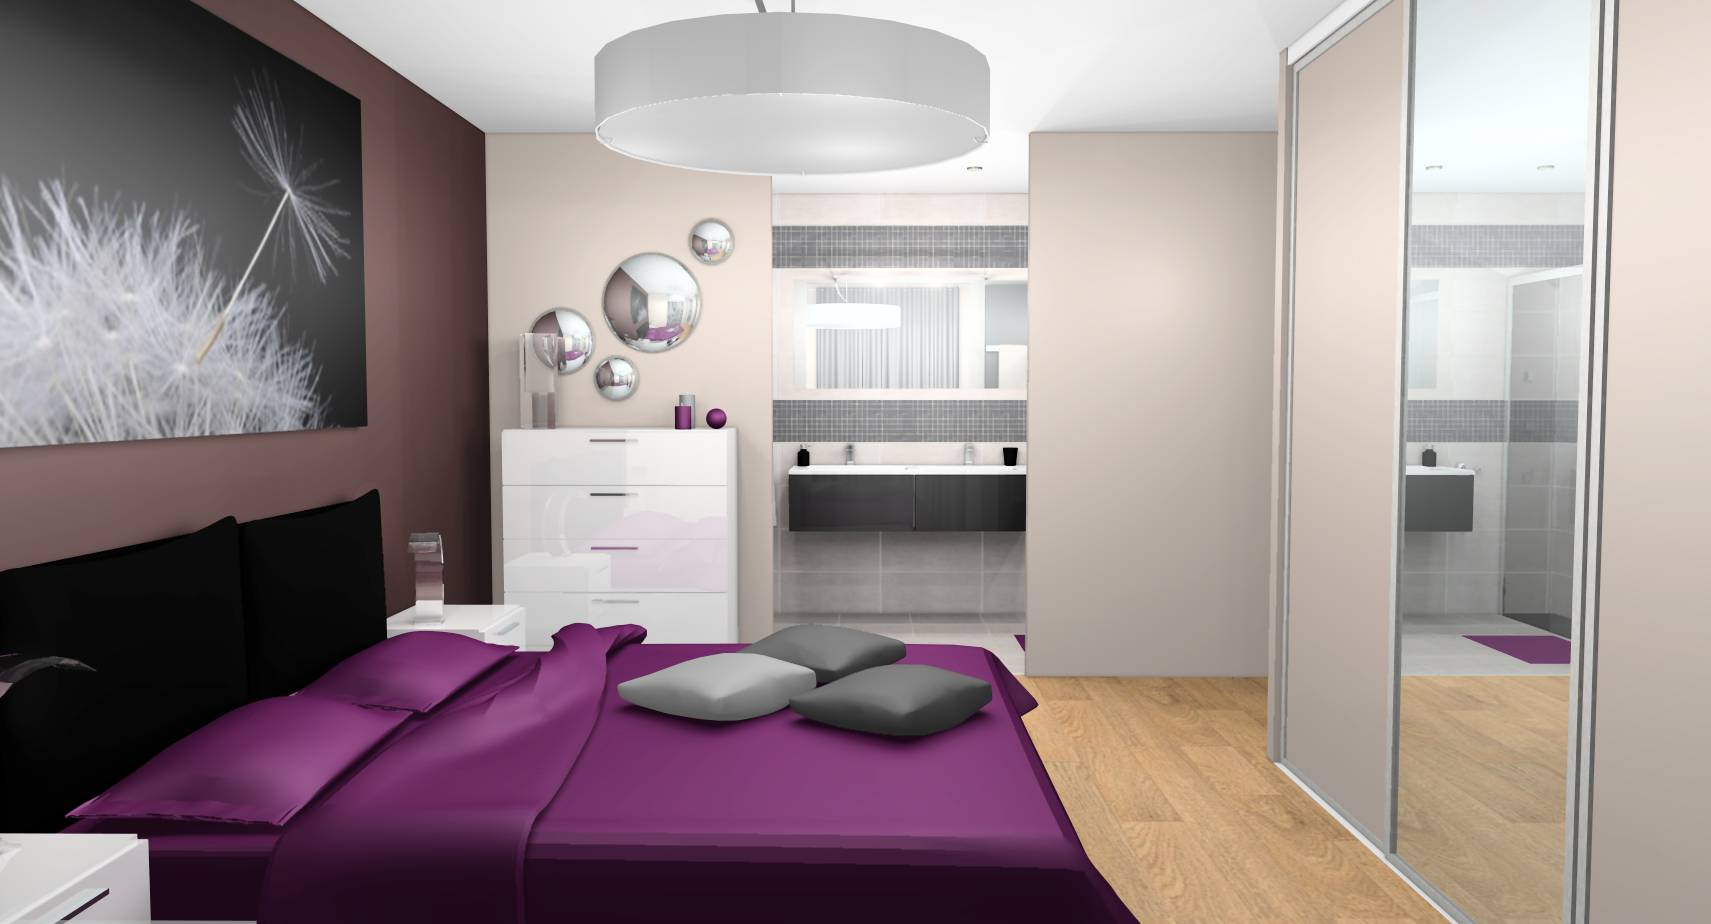 Chambre Violet Gris Meilleur De Photos Stunning Chambre Taupe Et Prune S Sledbralorne